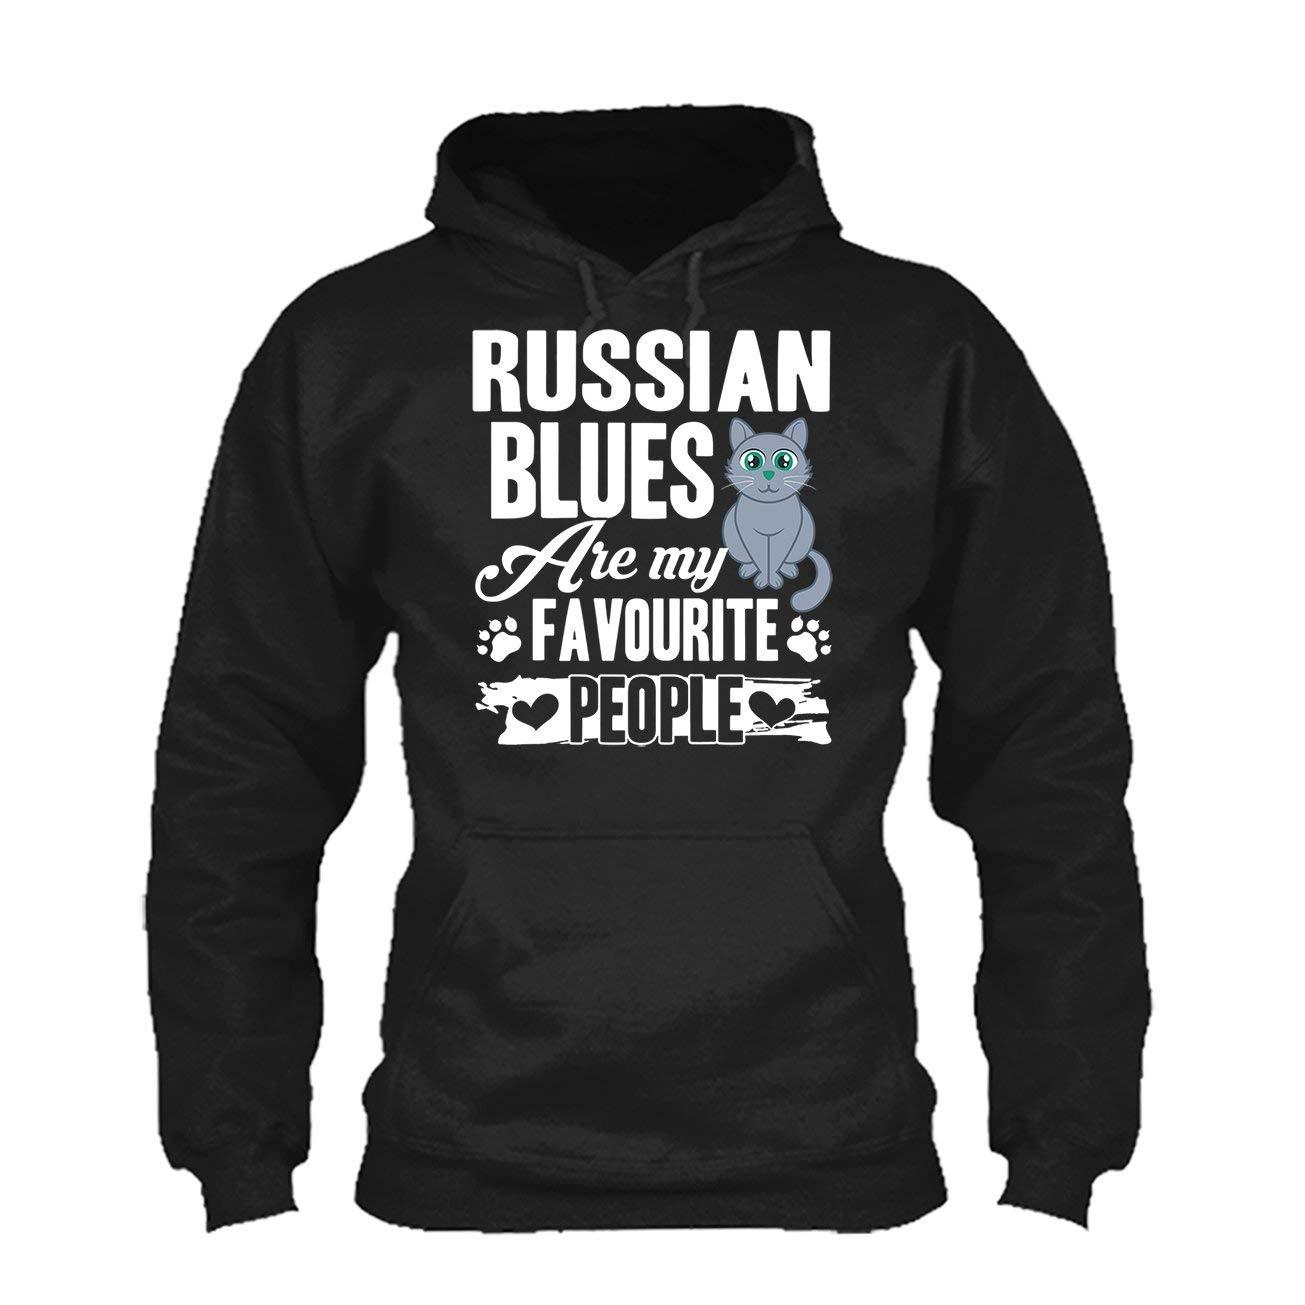 Sweatshirt LightRed Russian Blues are My Favorite People Tee Shirt Hoodie